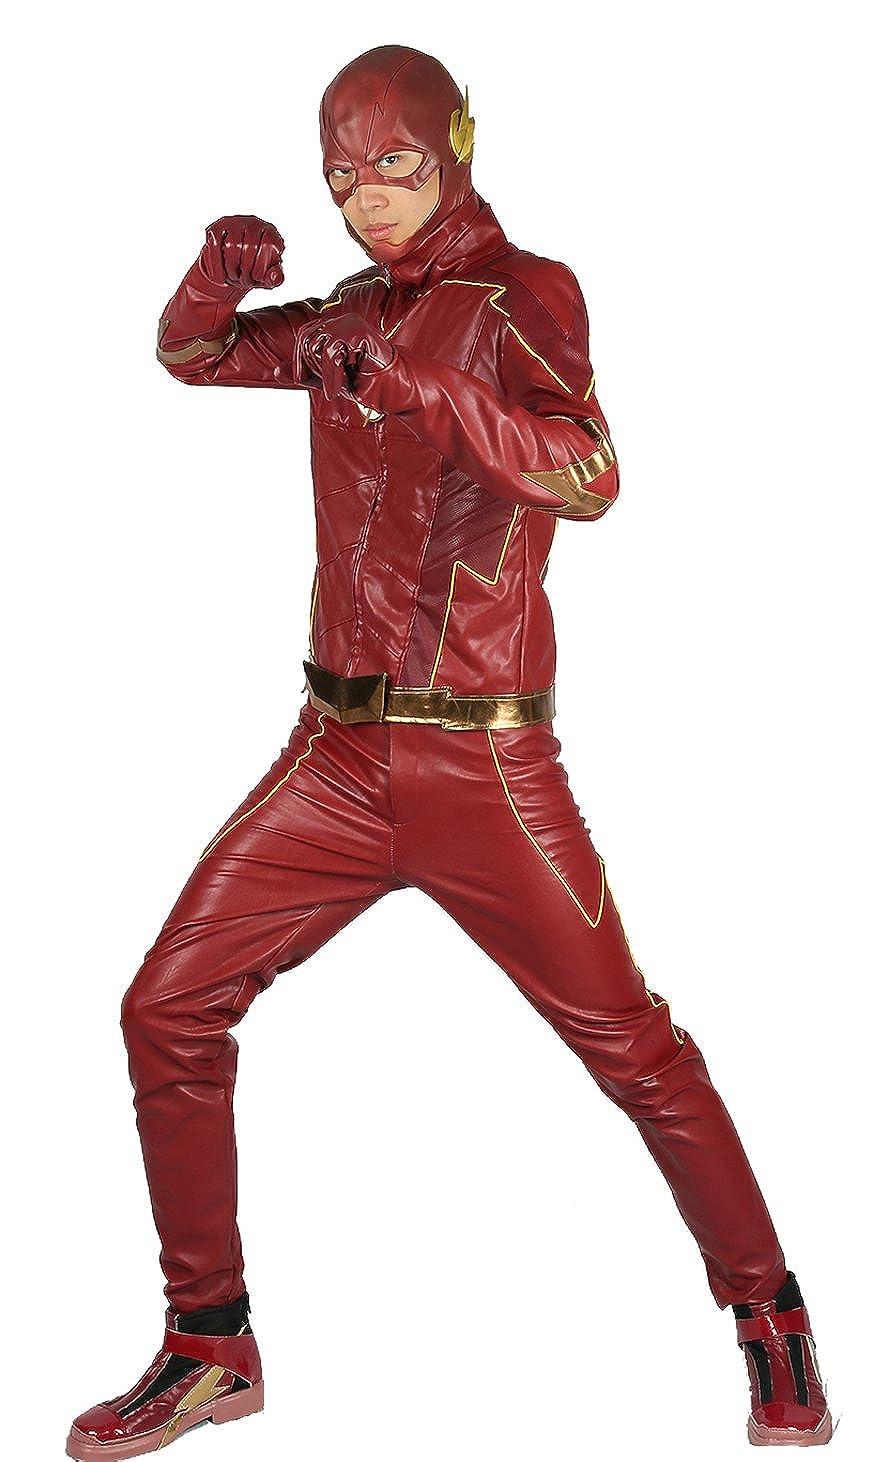 f74fe3c09cf7 Homme Cosplay Costume Season 4 Déguisement Tenue Cuir Veste avec Ceinture  Gants pour Adulte Vêtements Accessoires  Amazon.fr  Vêtements et accessoires